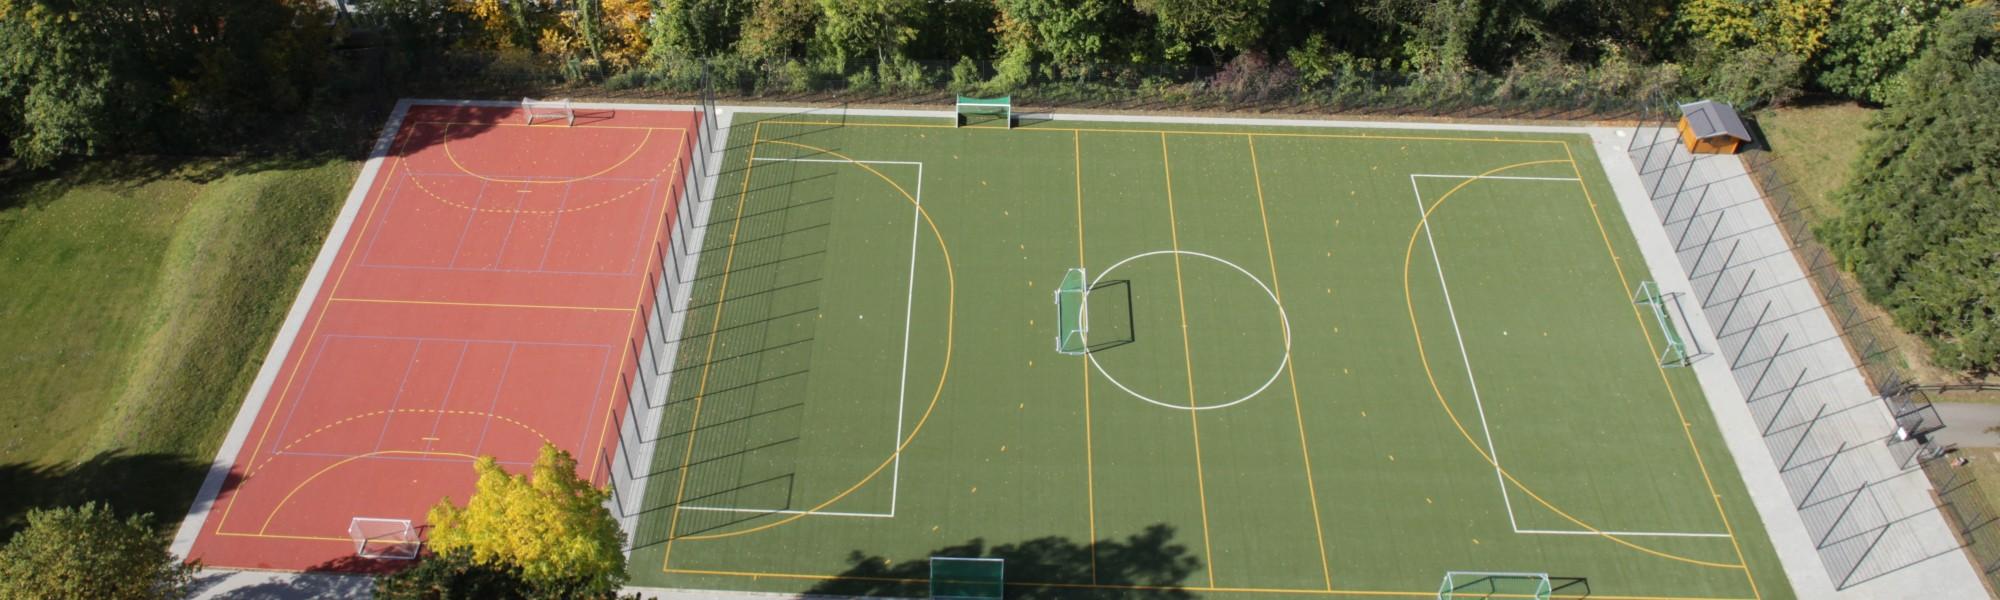 Fußball- und Tartanplatz